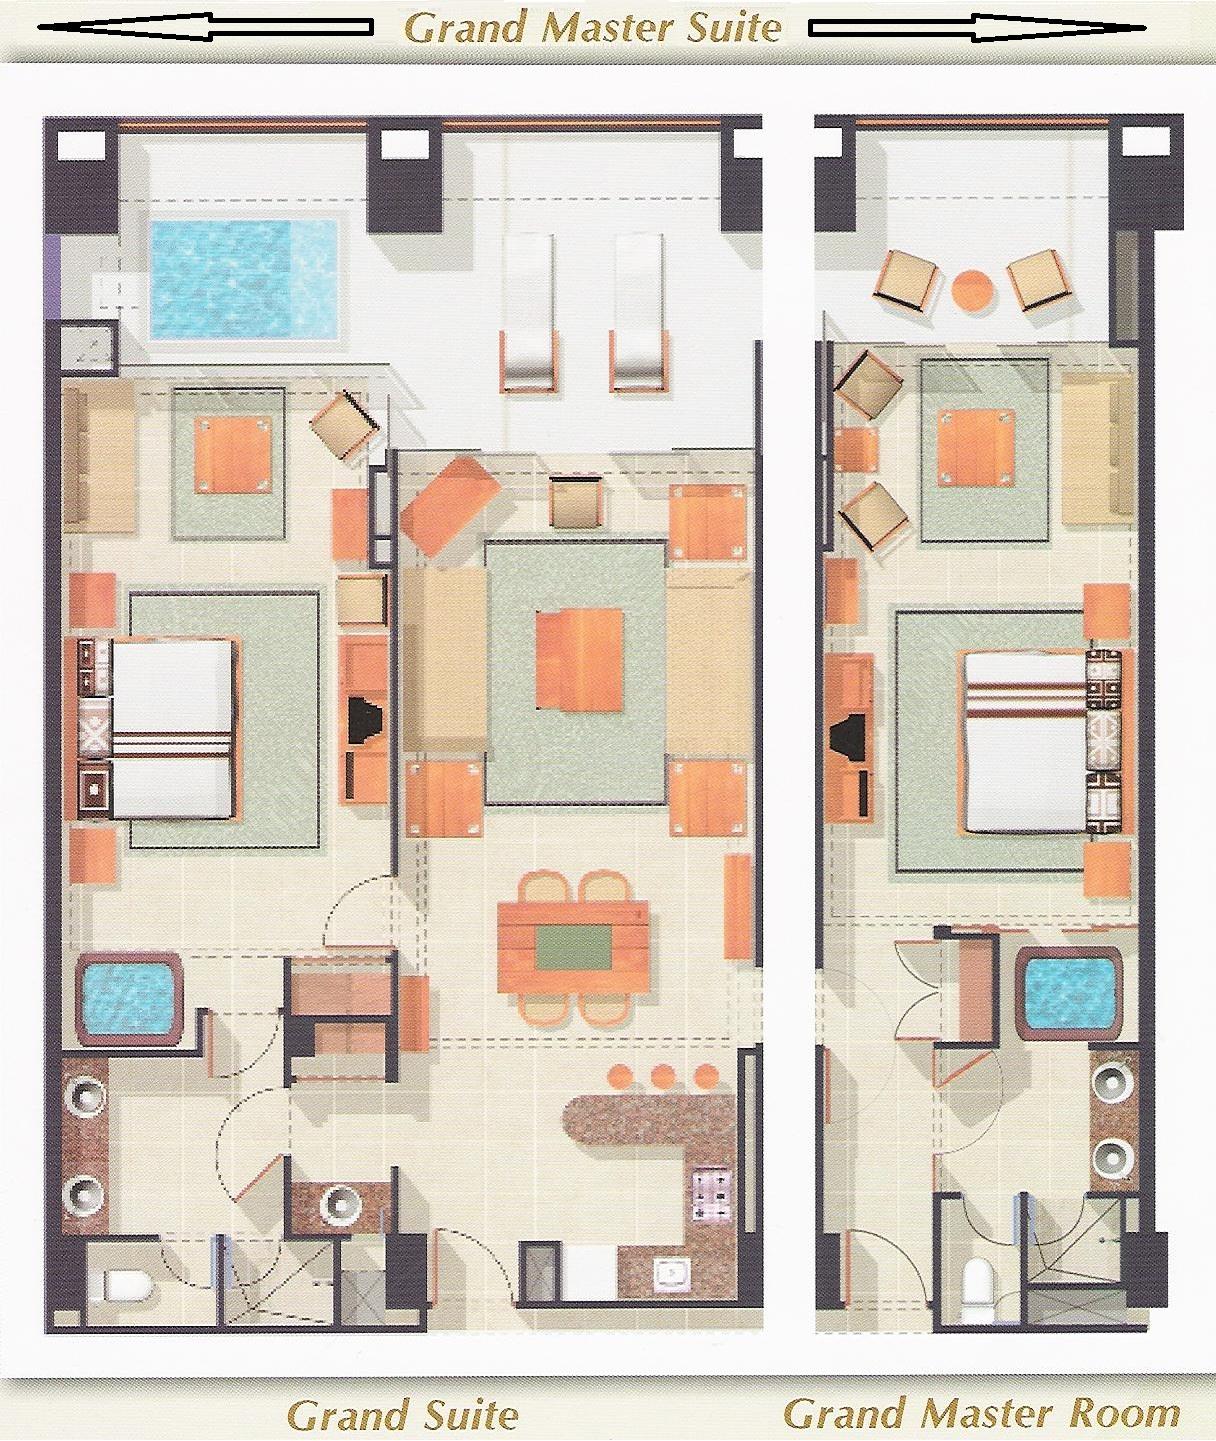 Lake tahoe 2 bedroom suites Szerzodesek